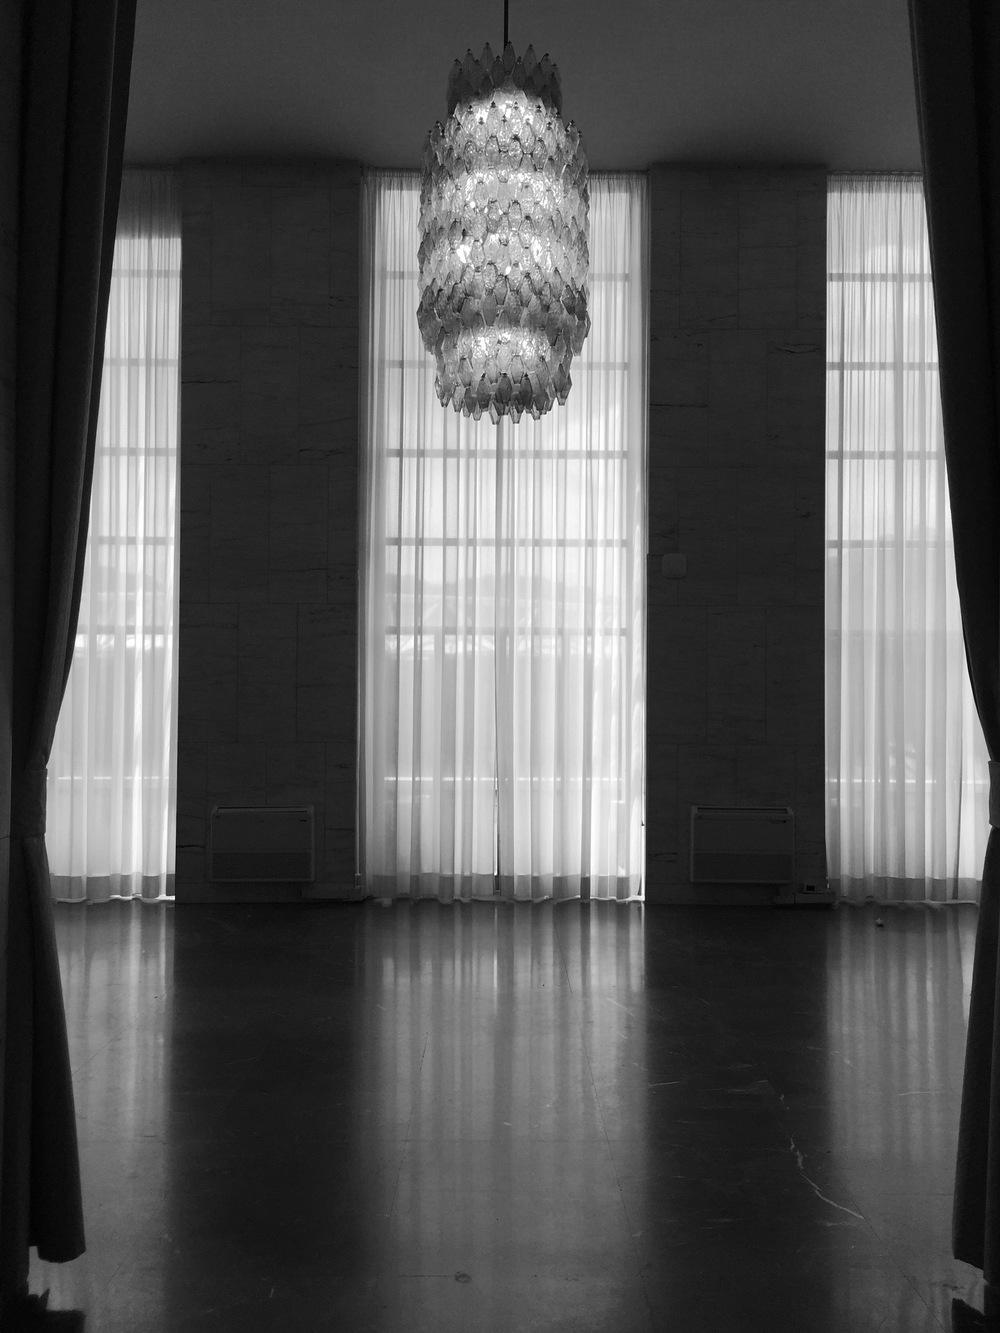 ministero-degli-affari-esteri-denis-bosnic-photography-porte-aperte-farnesina-indietro-interior-5.jpg